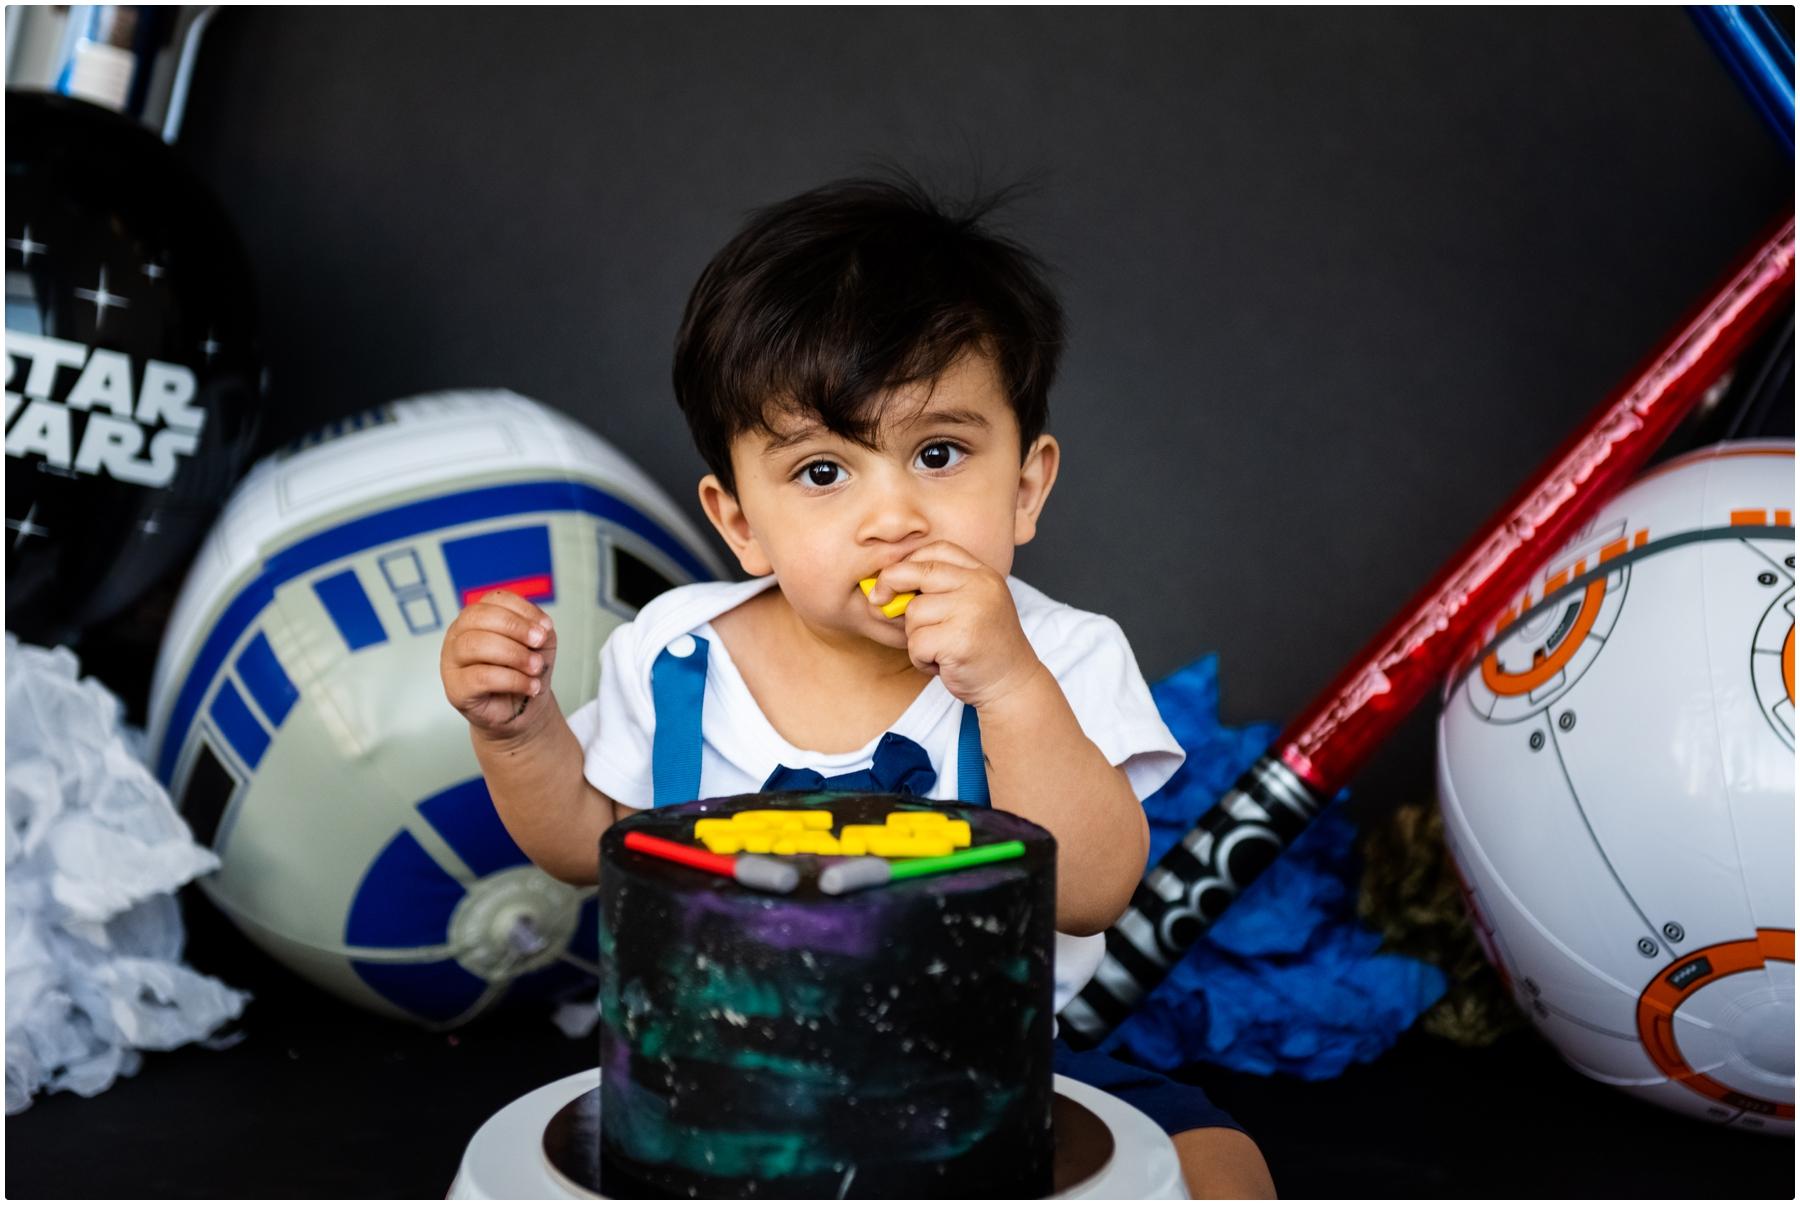 First Birthday Cake Smash Photos Calgary - Star Wars Cake Smash